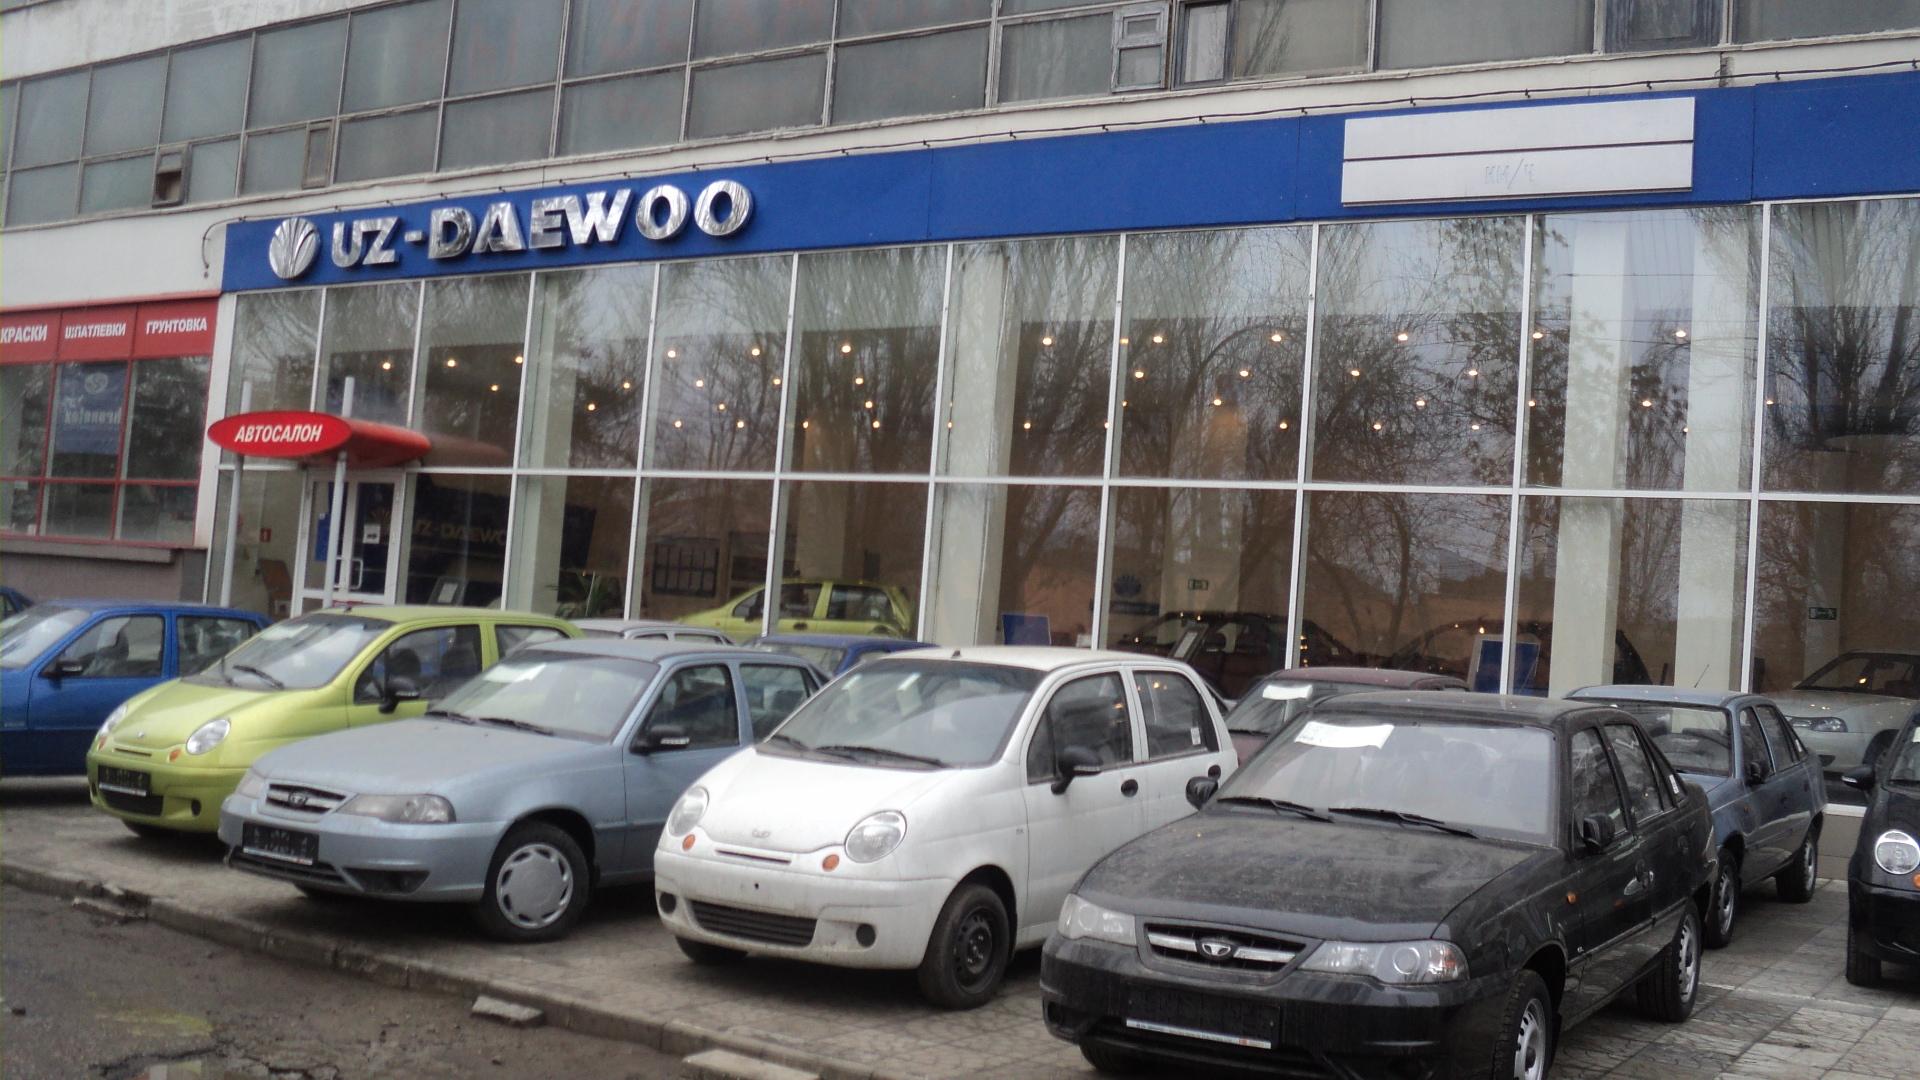 Автосалоны москвы официальные дилеры дэу возьму деньги под проценты залог